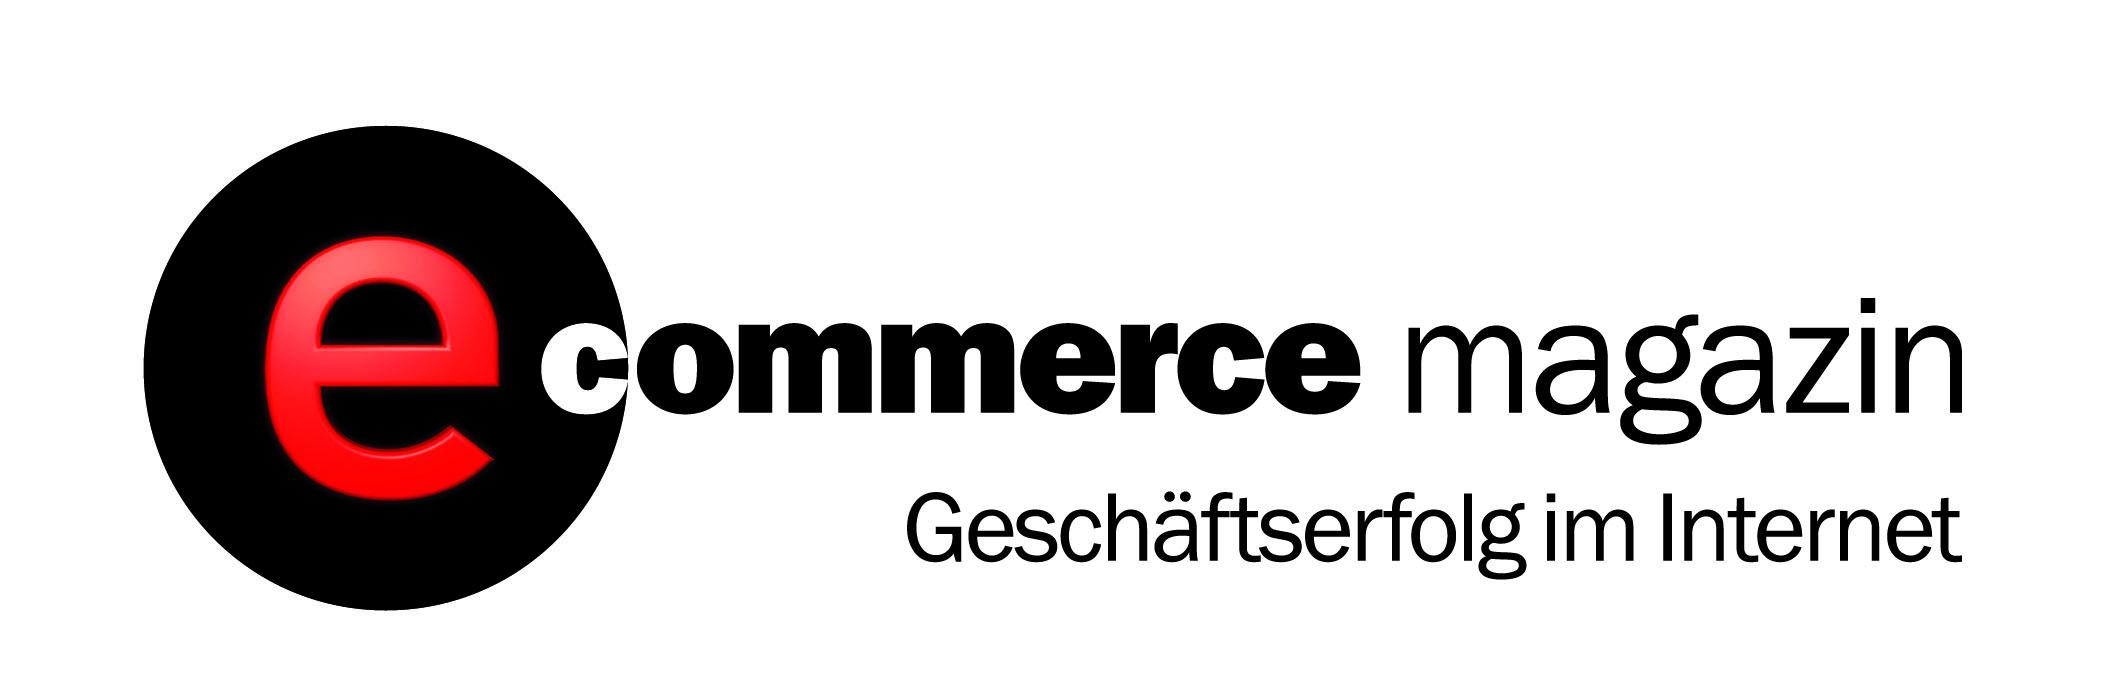 1491403892340_ECM_Logo_schwarz_2016_A_mit_Spruch.jpg